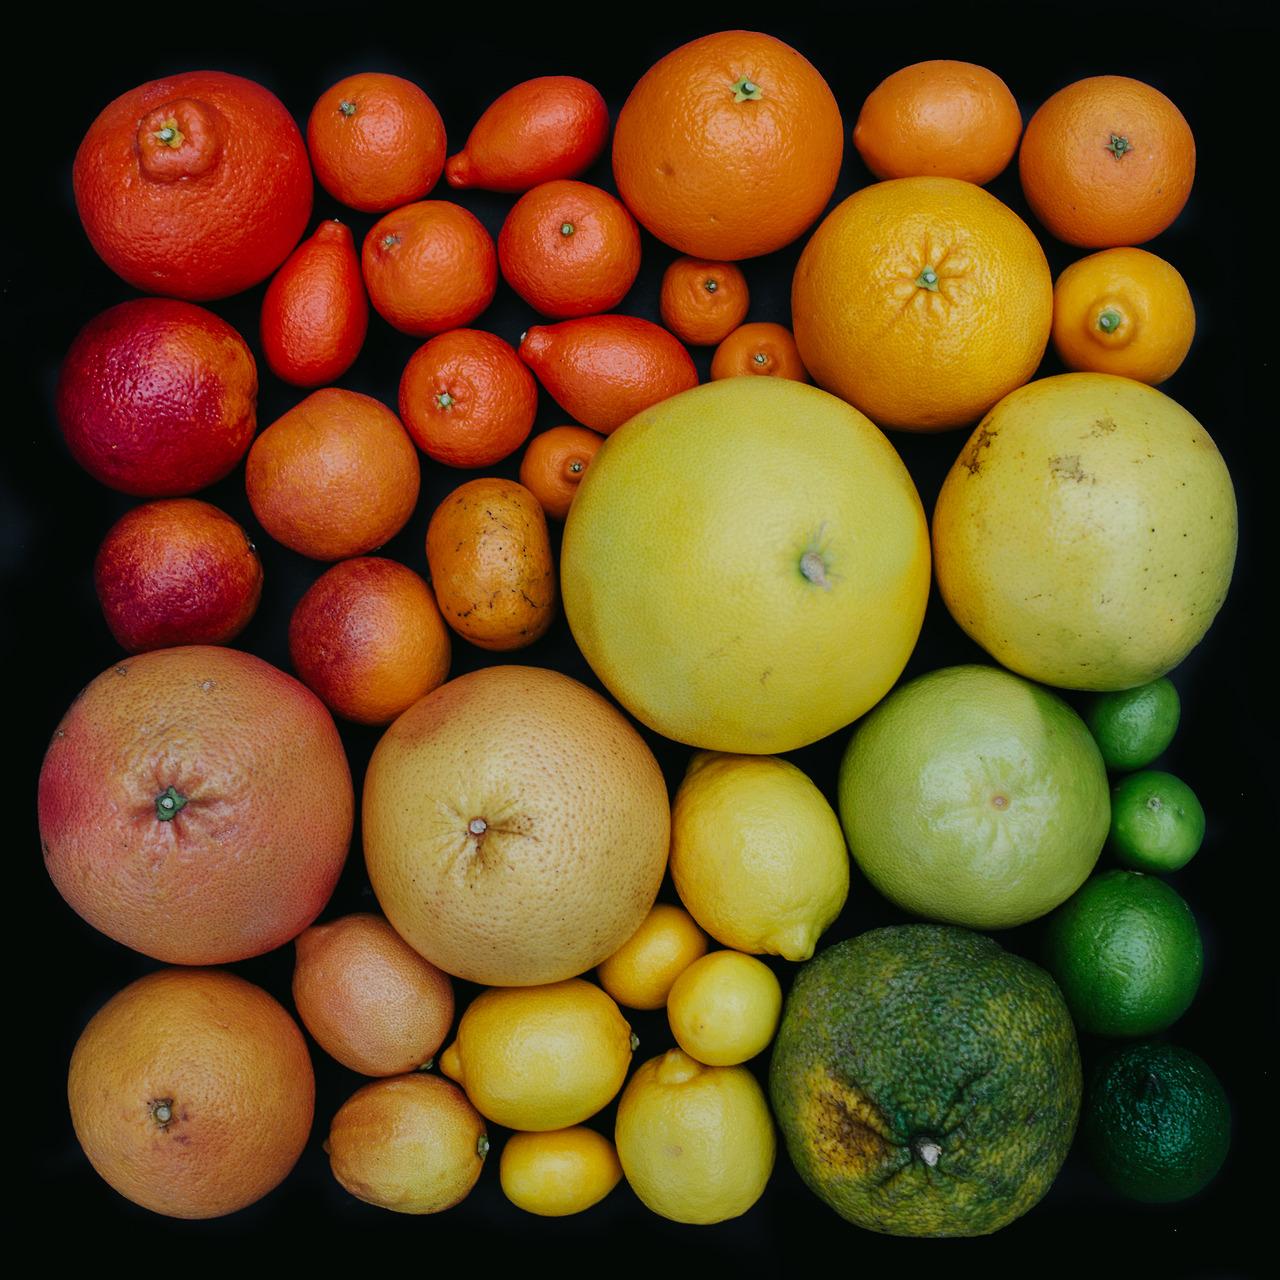 emily-blincoe-3-photos-instantanees-agrumes-oranges-pmplemousse-citron